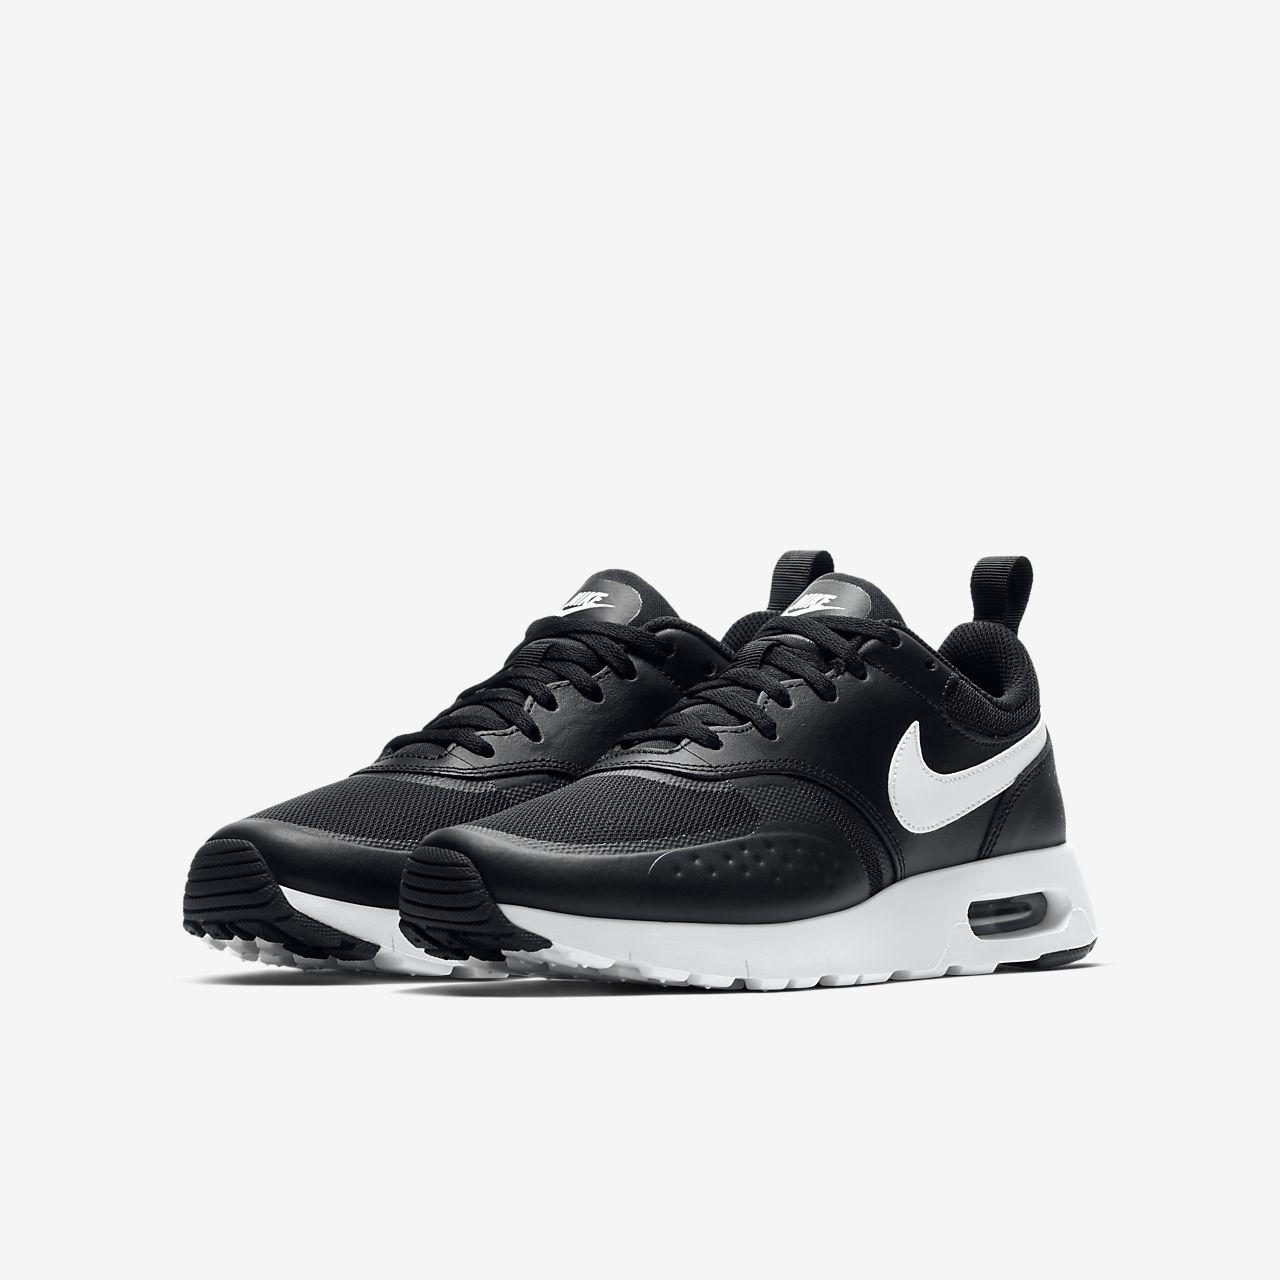 Nike AIR MAX VISION Noir IrFQ5nU5eg